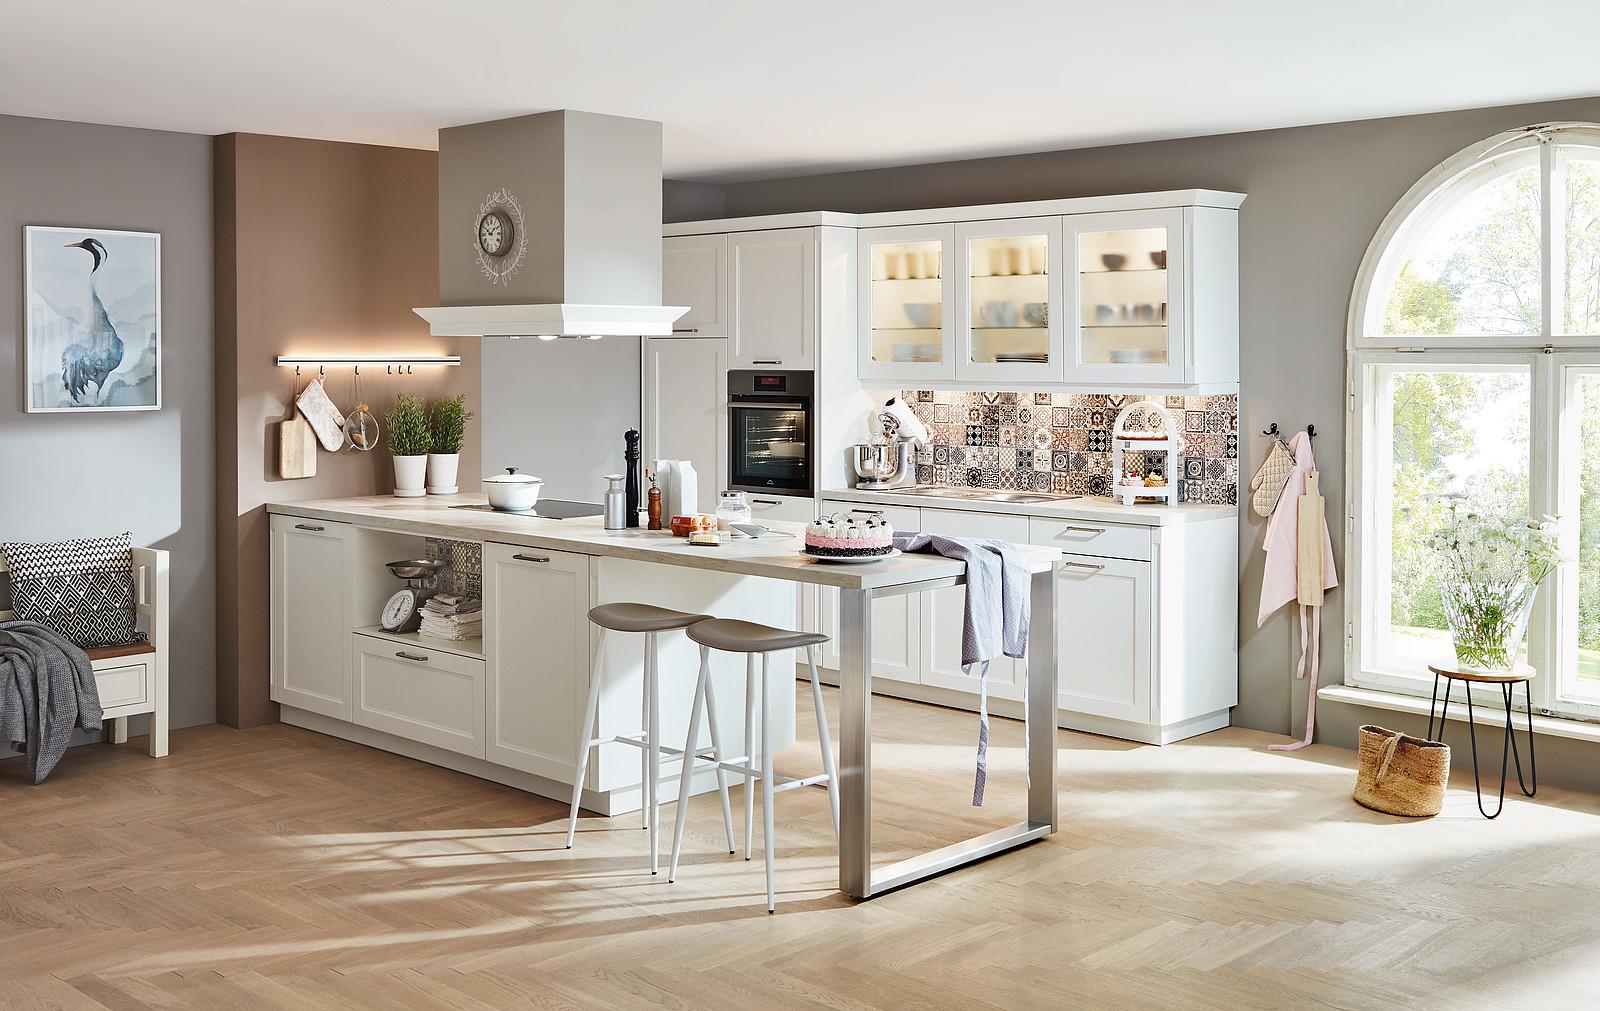 Full Size of Landhausküche Wandfarbe Kchentrends 2020 Matt Ist Der Neue Glanz Moderne Weisse Grau Weiß Gebraucht Wohnzimmer Landhausküche Wandfarbe